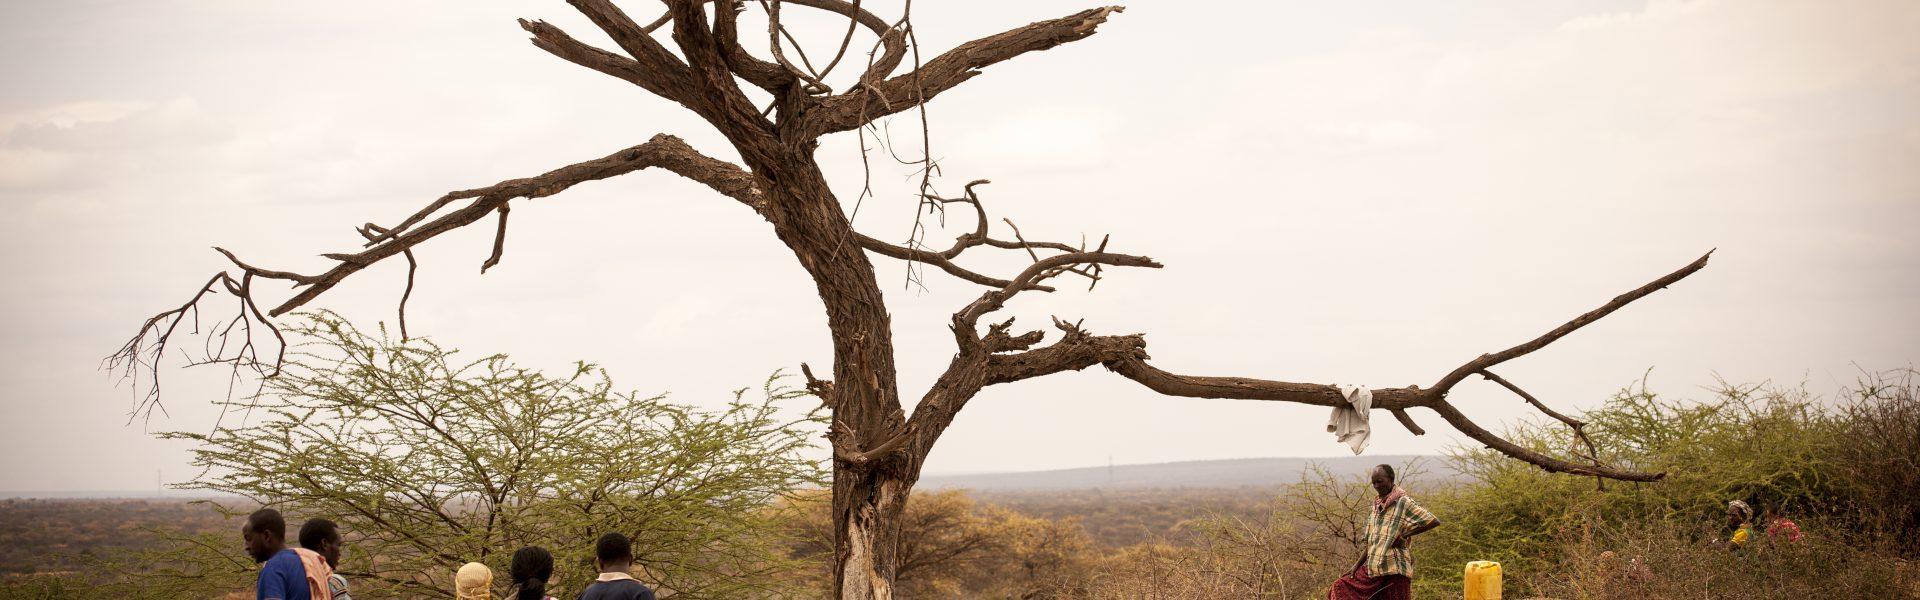 Overleven bij droogte